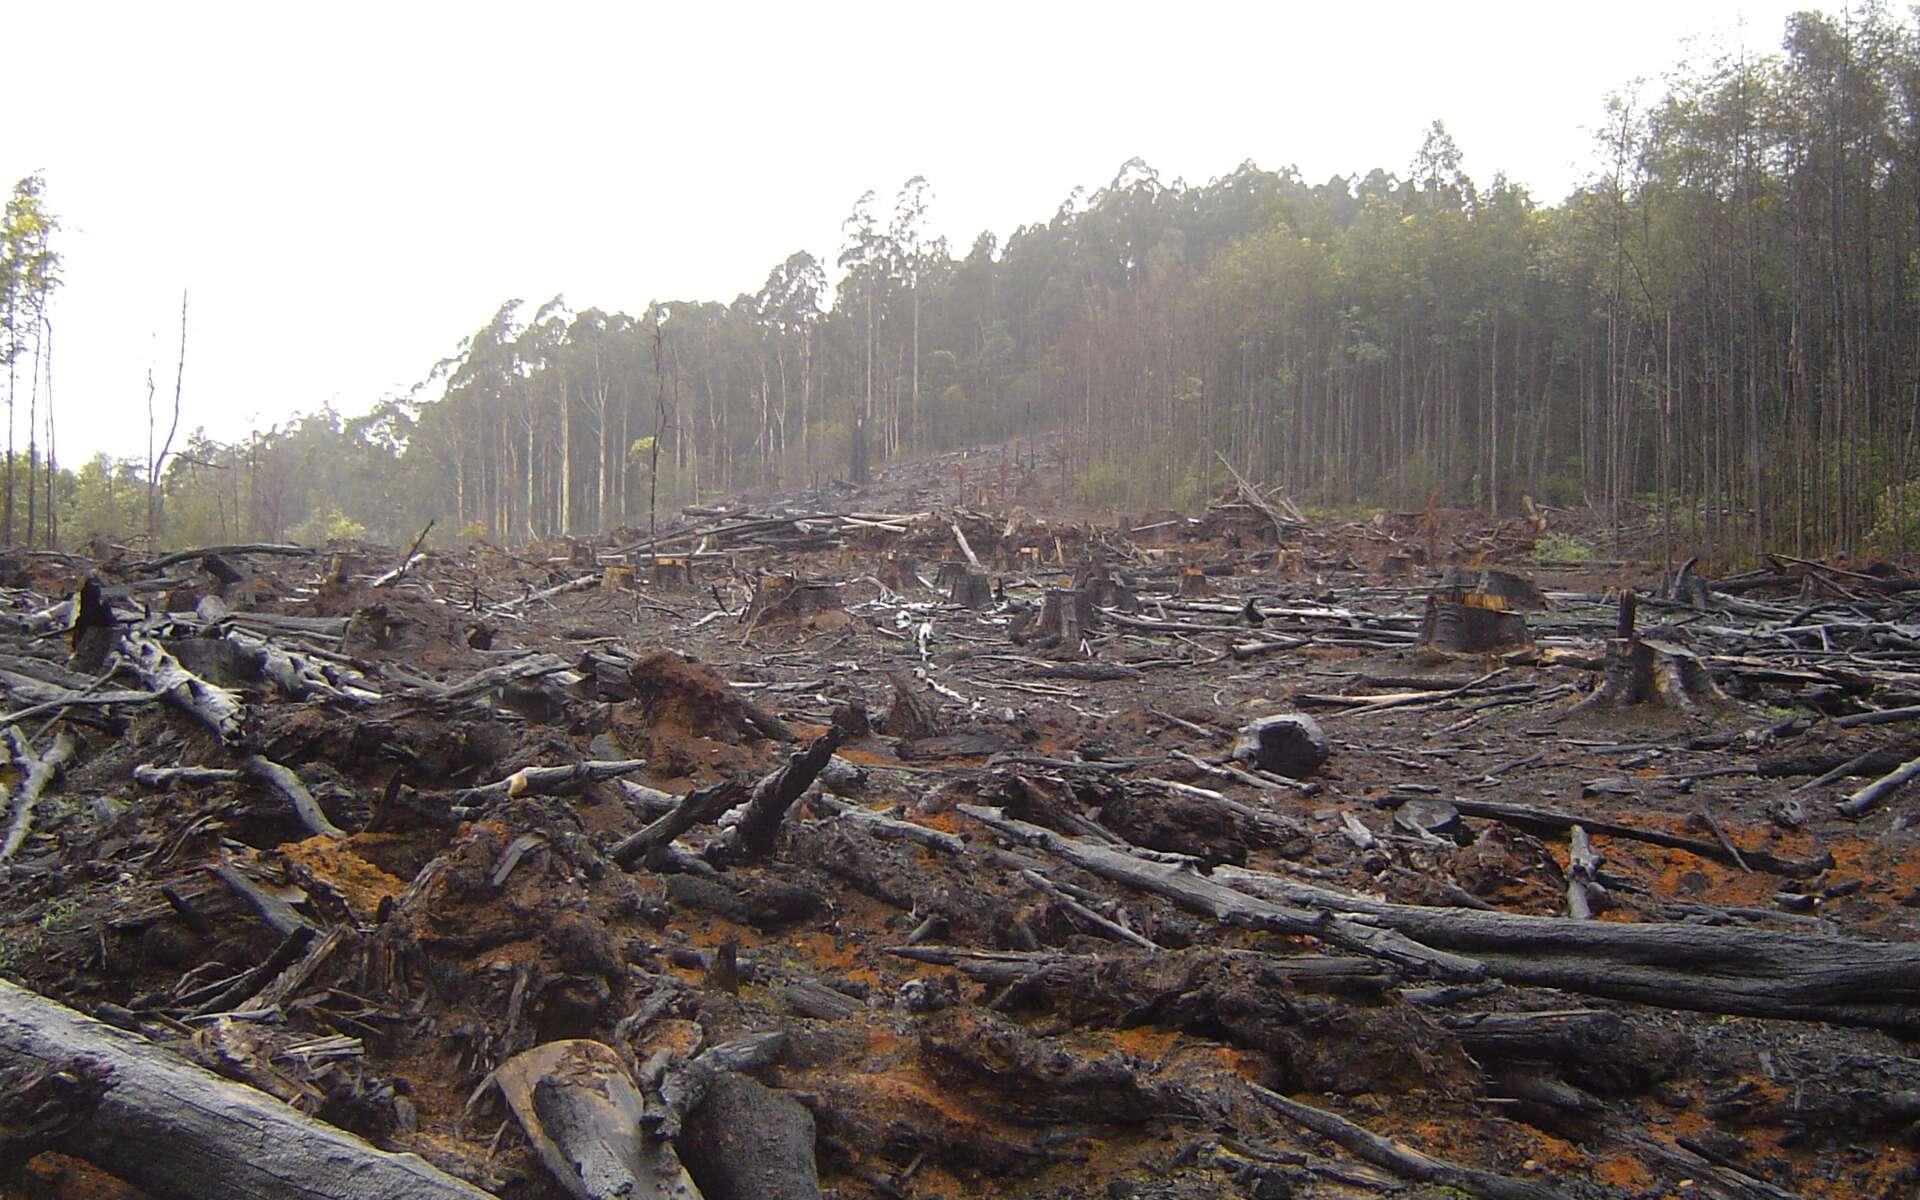 La déforestation menace la planète. Elle provoque des émissions de gaz à effet de serre et une perte significative de la biodiversité. © crustmania/Flickr